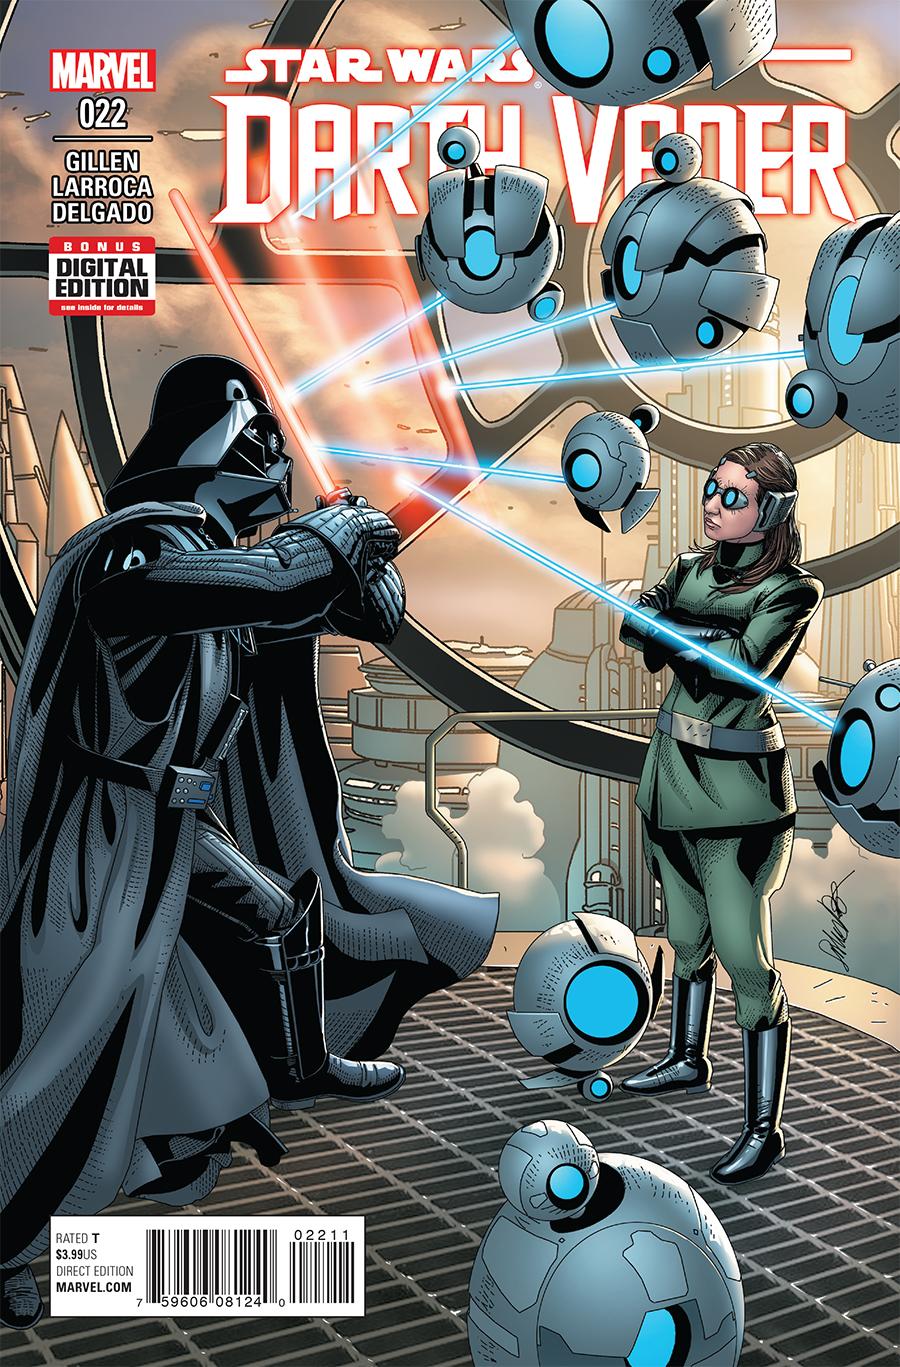 Star Wars: Darth Vader #22